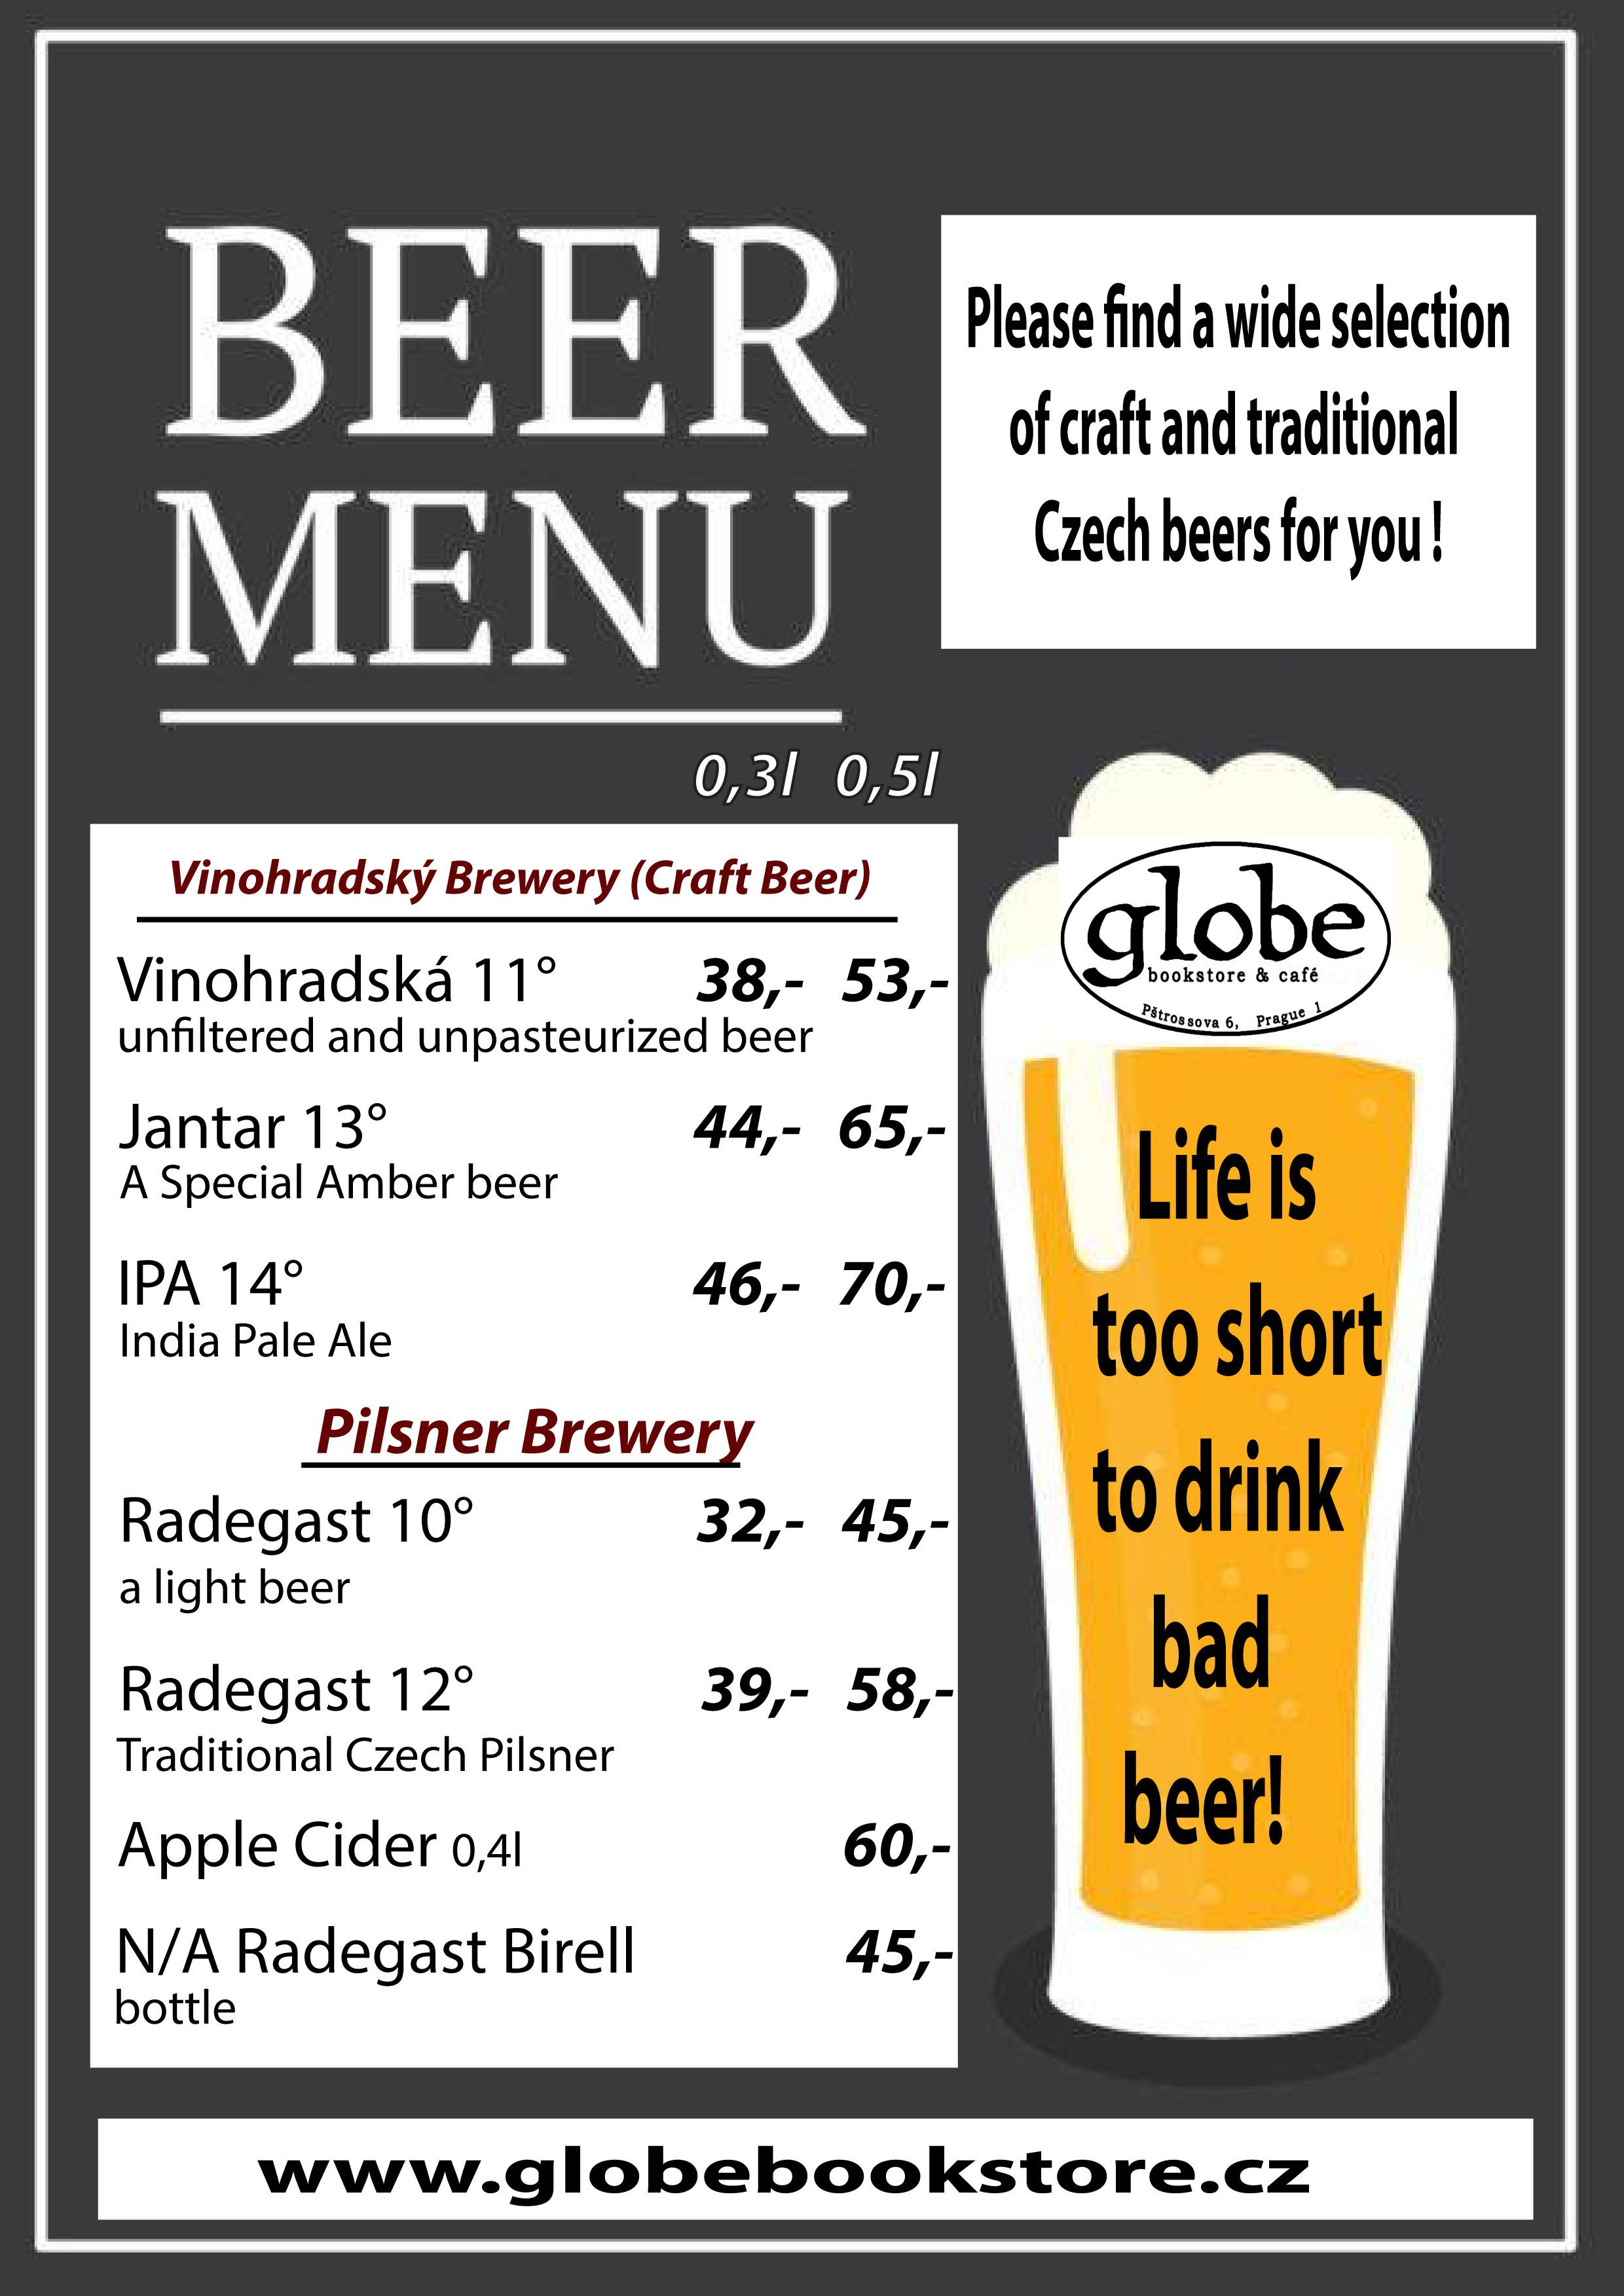 beer menu 2018